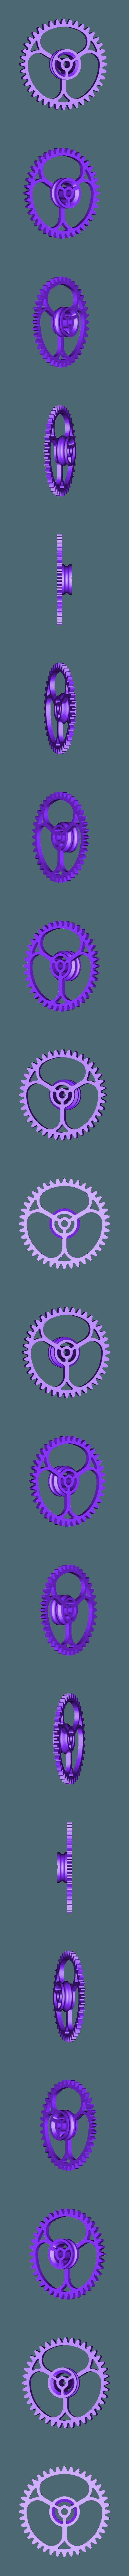 Gears_1to8_2.stl Télécharger fichier STL gratuit Moteur pneumatique radial simple • Modèle pour imprimante 3D, Slava_Z